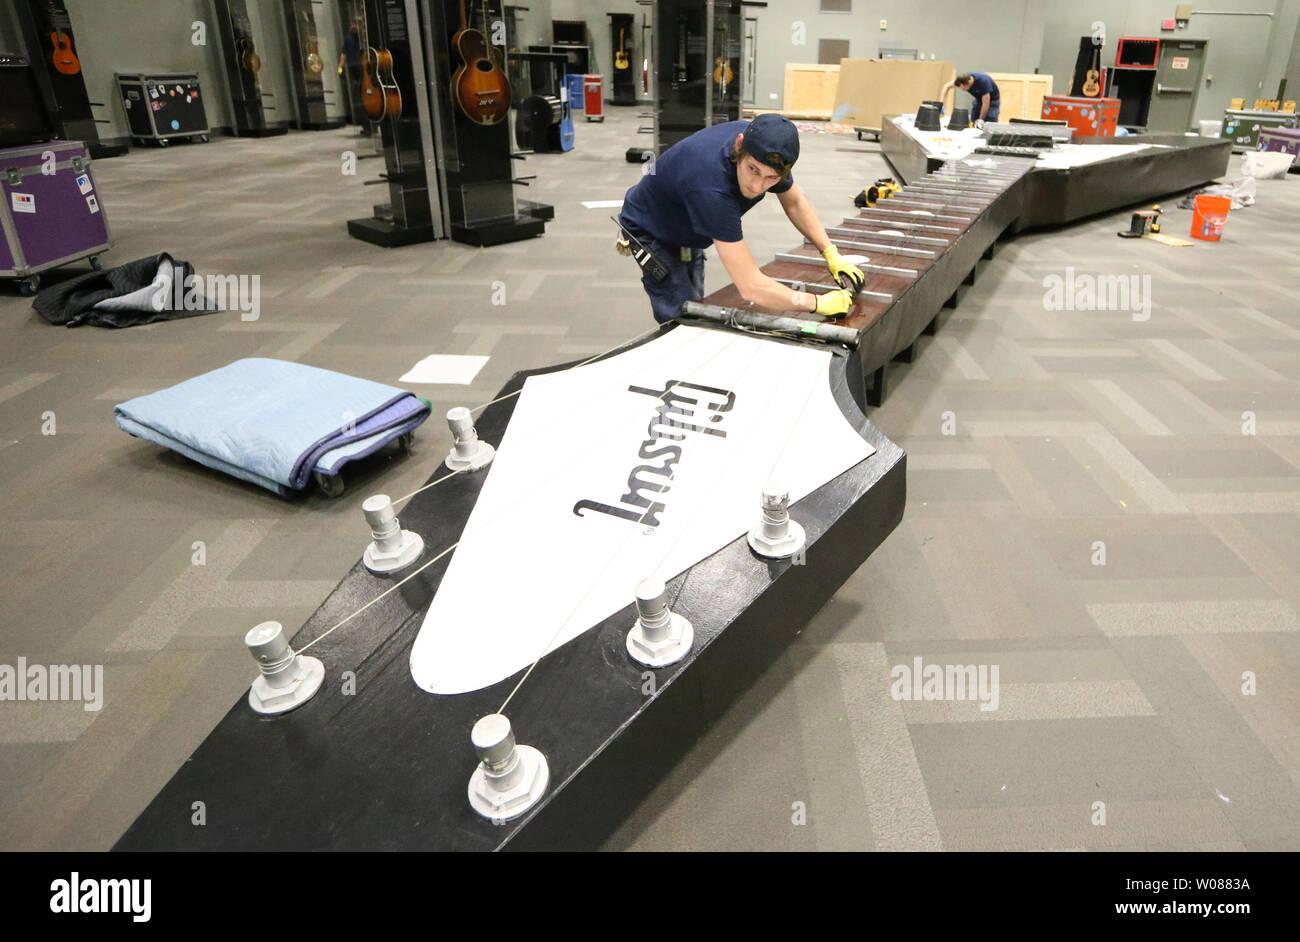 flying v guitar stock photos flying v guitar stock images alamy. Black Bedroom Furniture Sets. Home Design Ideas